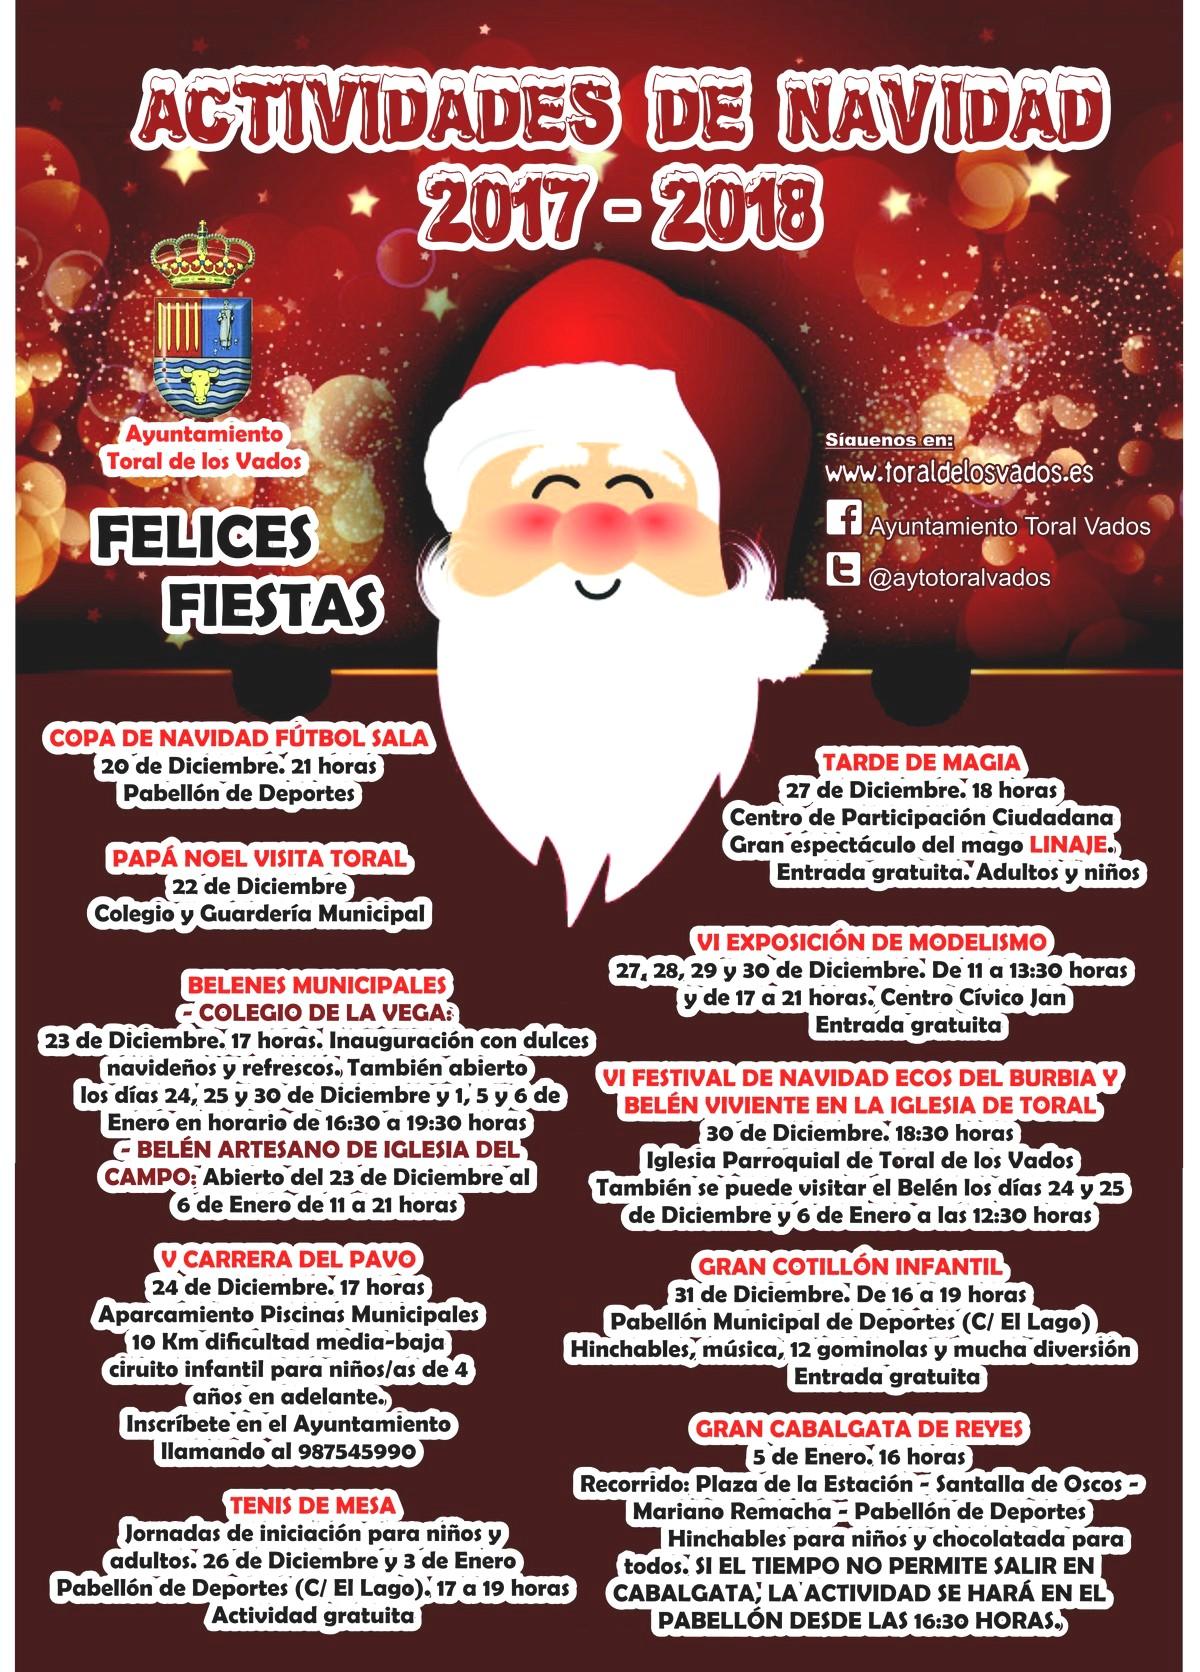 Actividades navidad 2017 en Toral de los Vados 2